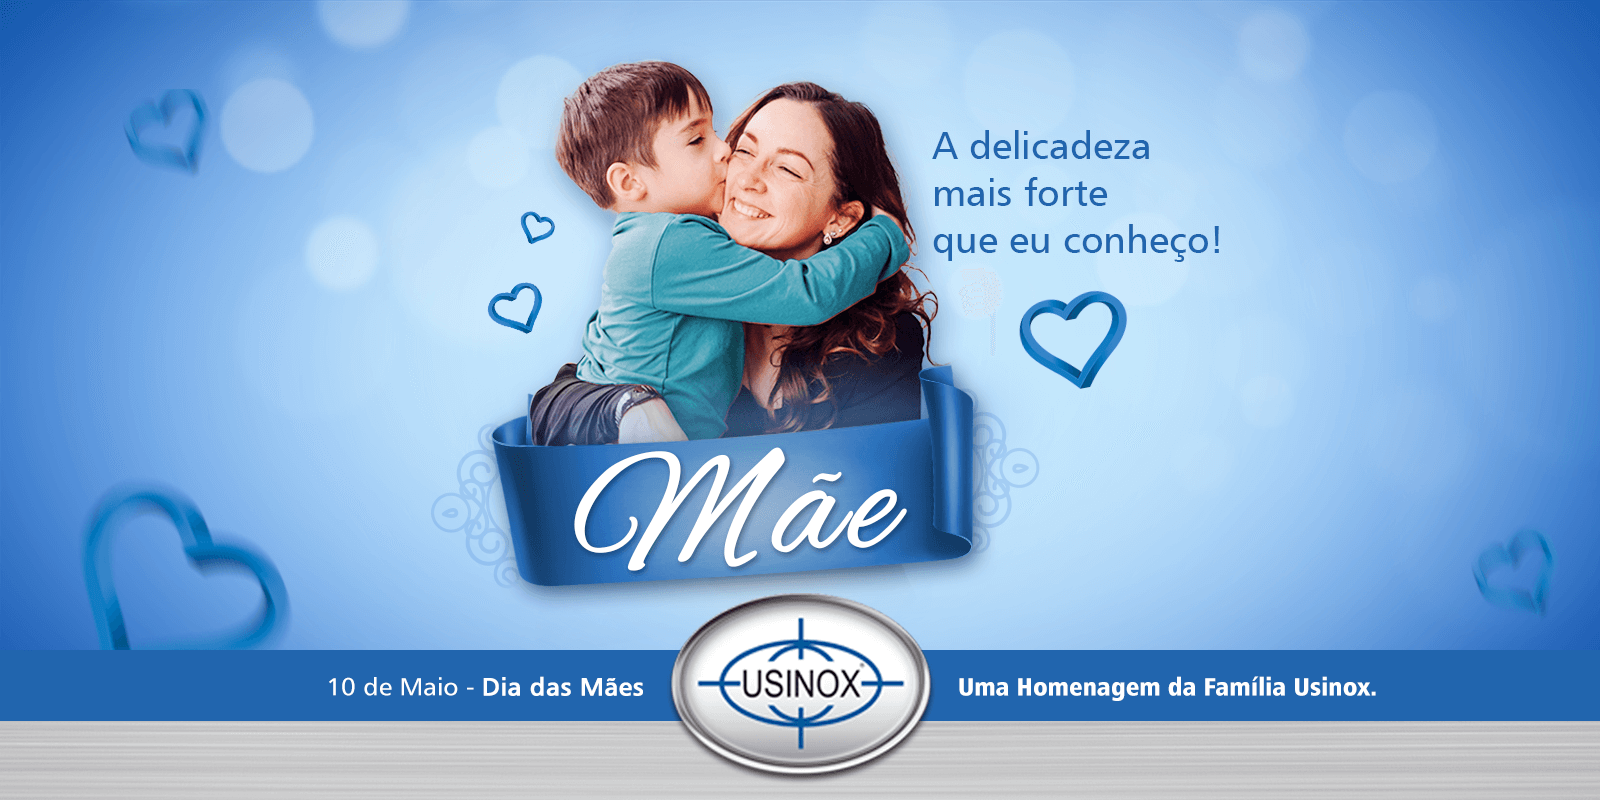 Dia das Mães, 10 de maio